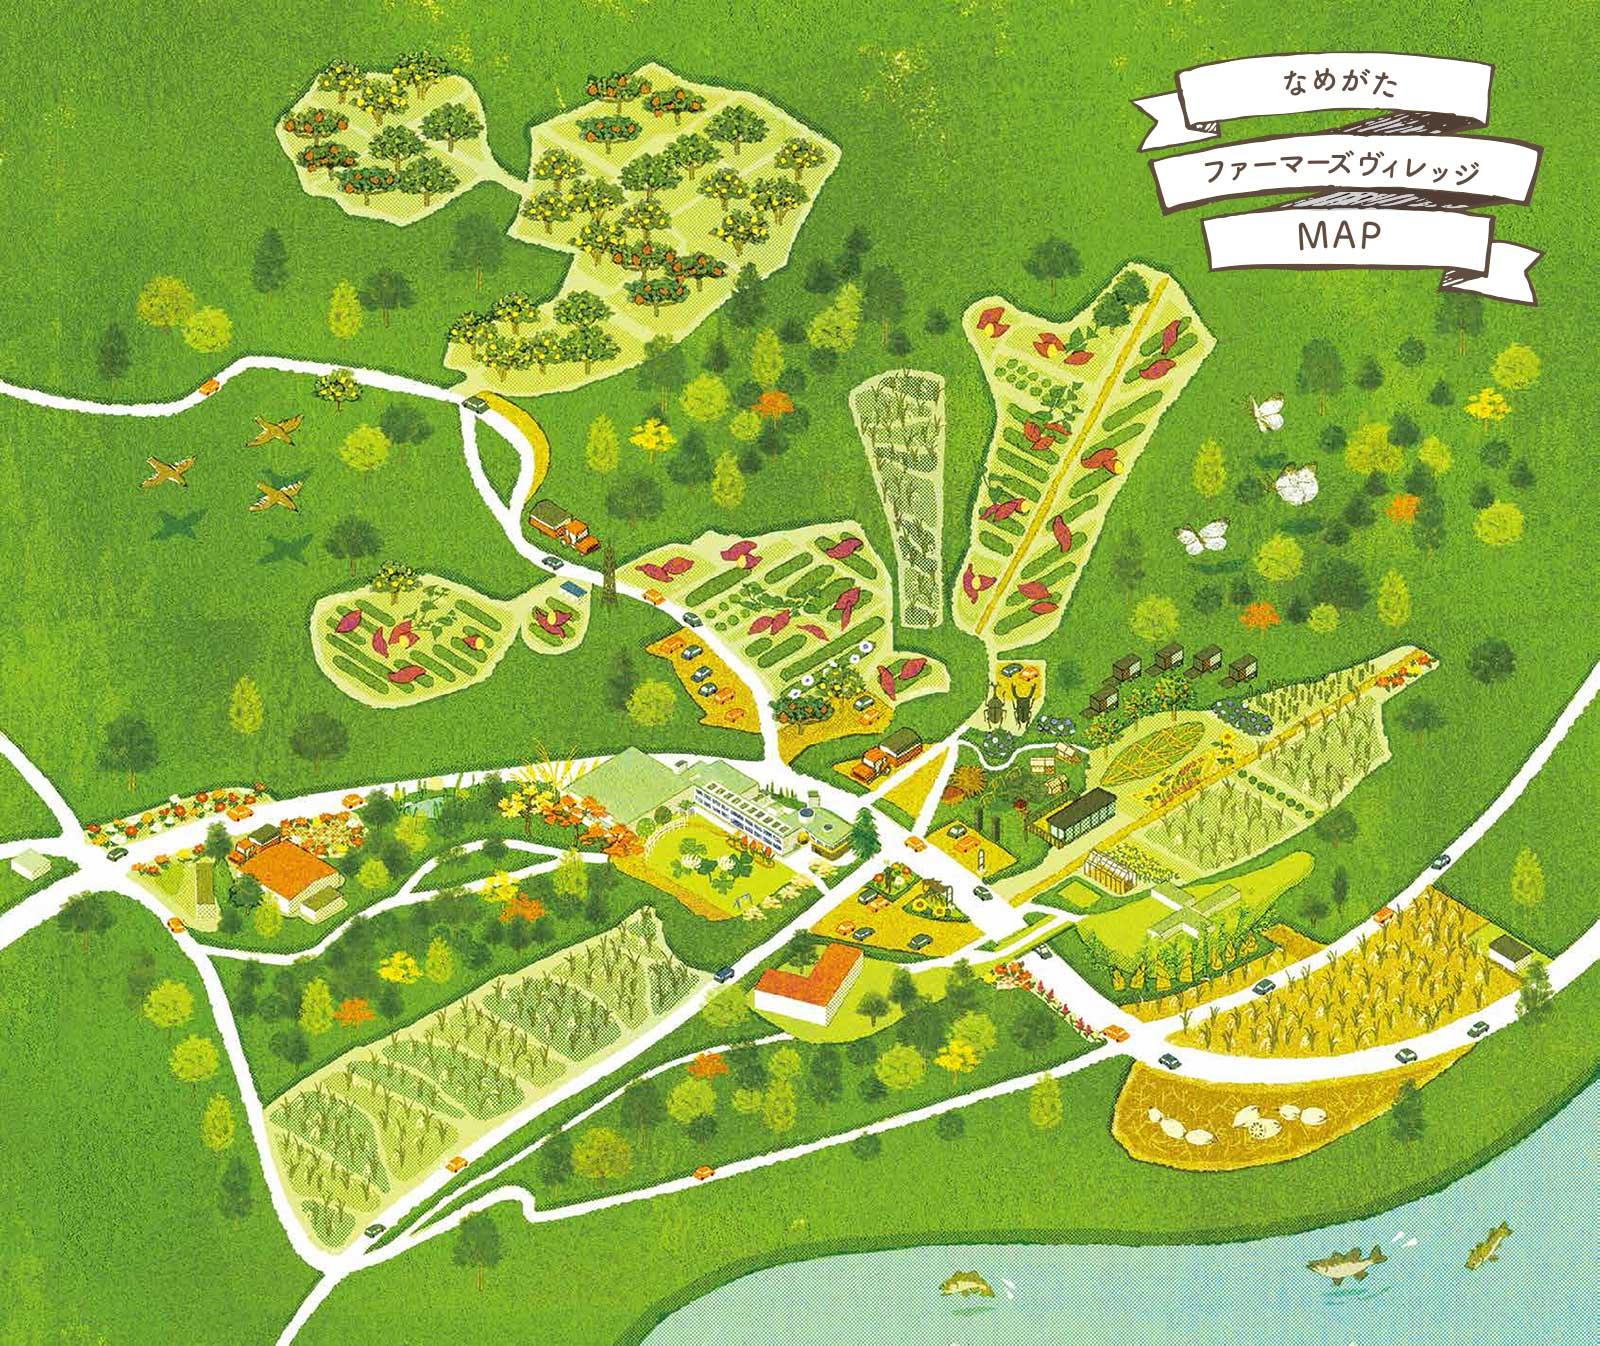 なめがたファーマーズヴィレッジ MAP